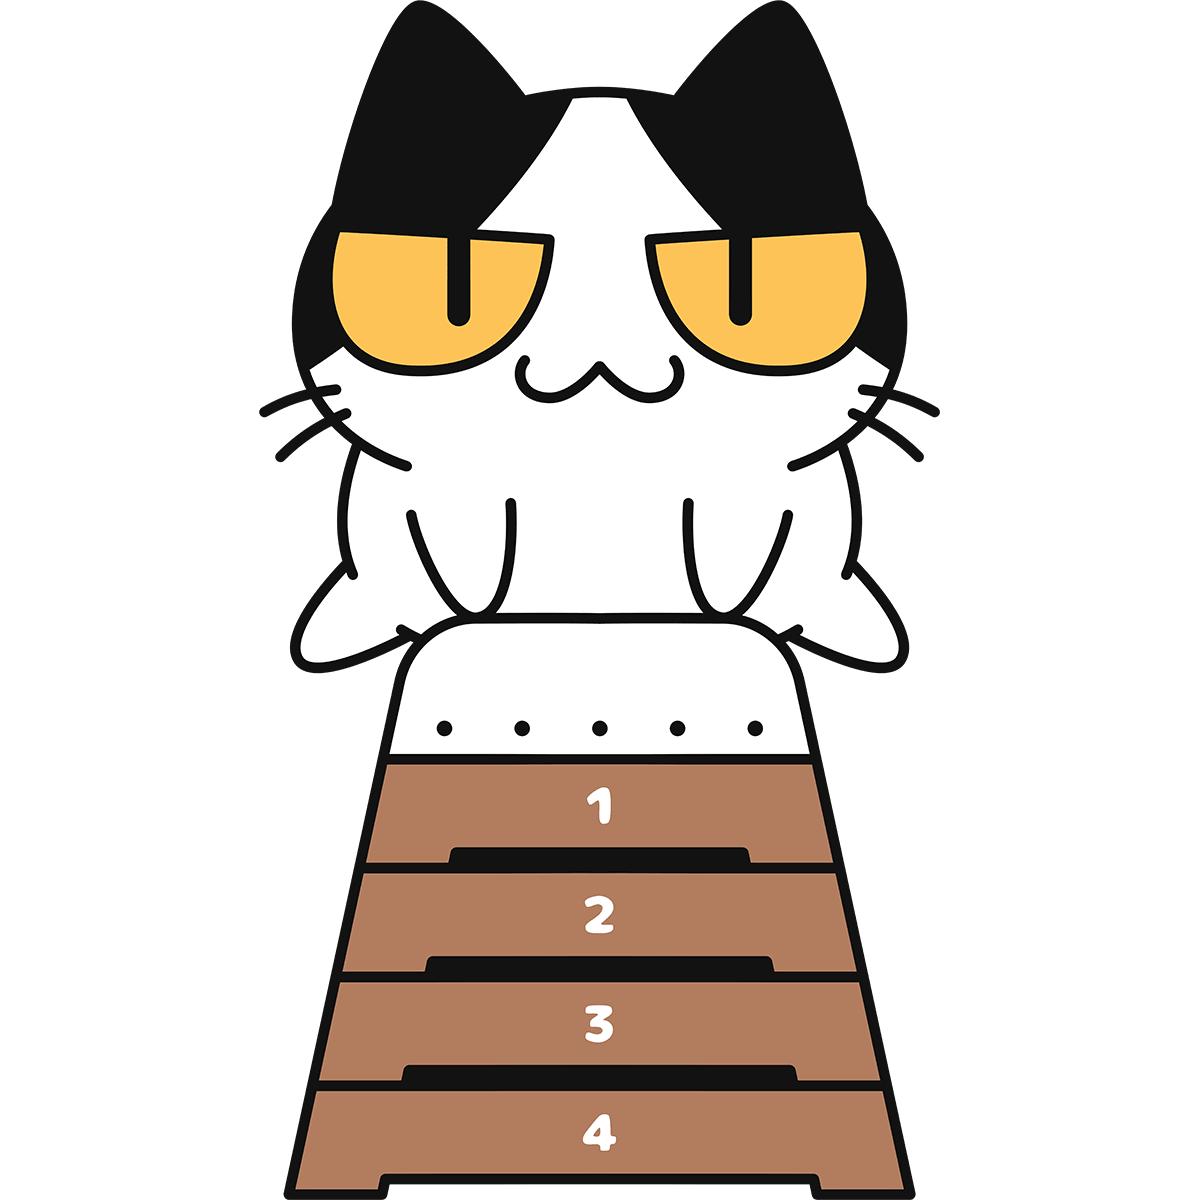 跳び箱をする猫の無料イラスト